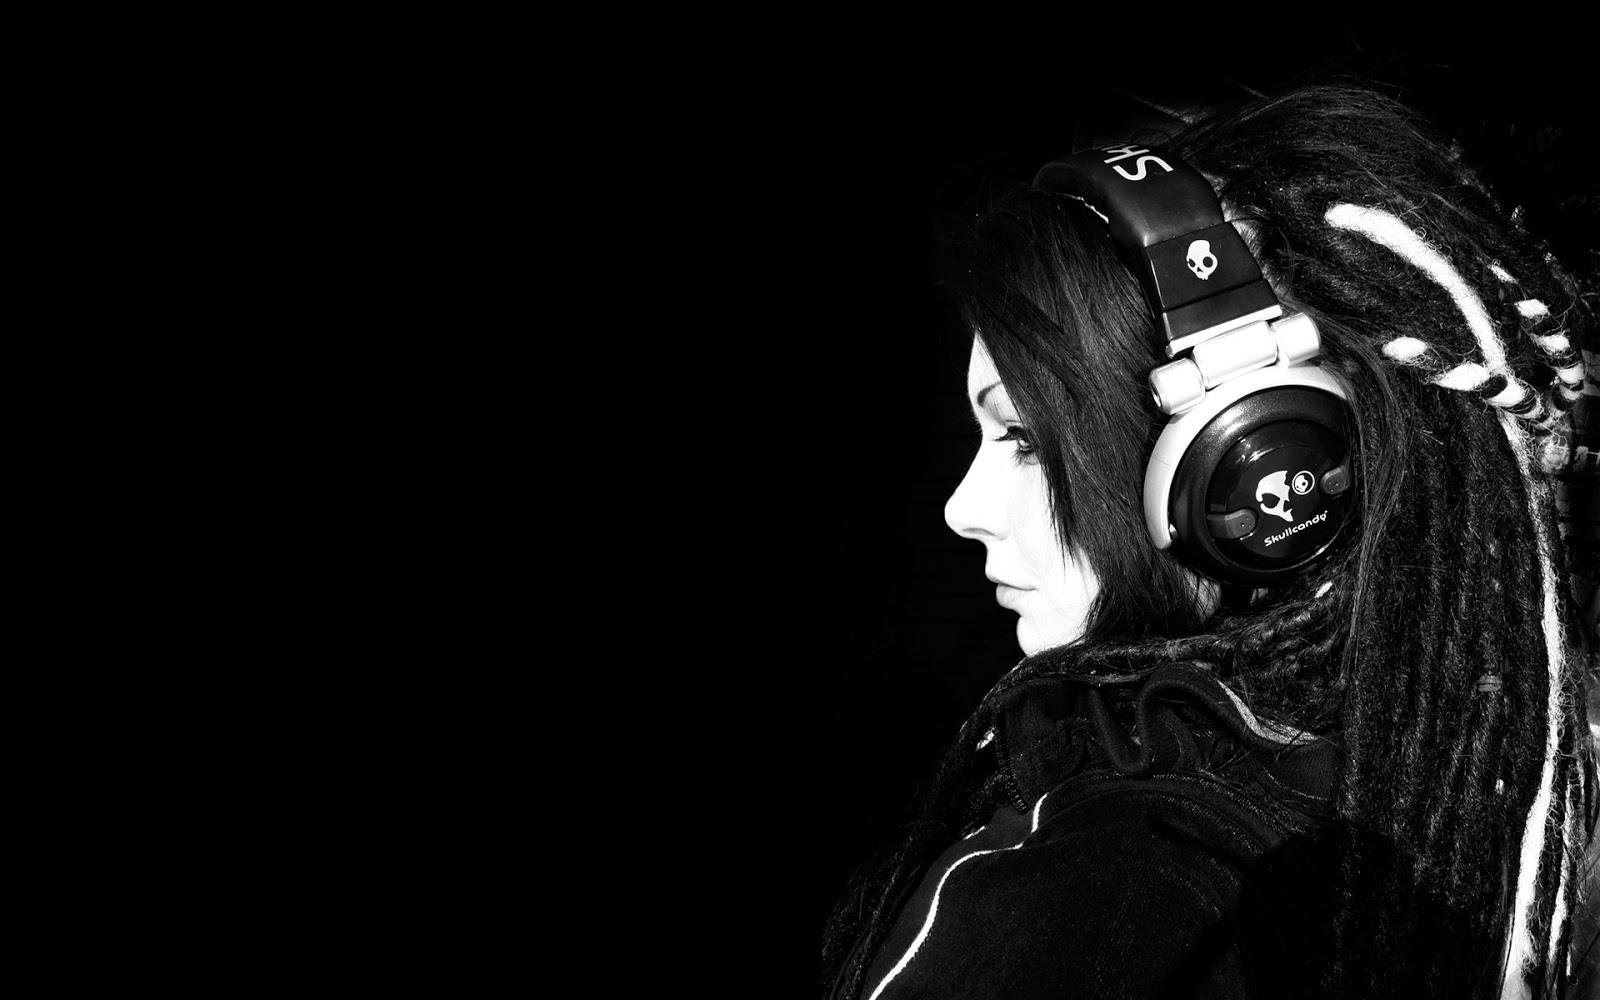 musik wallpaper hitam, wallpaper musik hitam dan putih, perbatasan wallpaper musik hitam putih, wallpaper musik hitam,